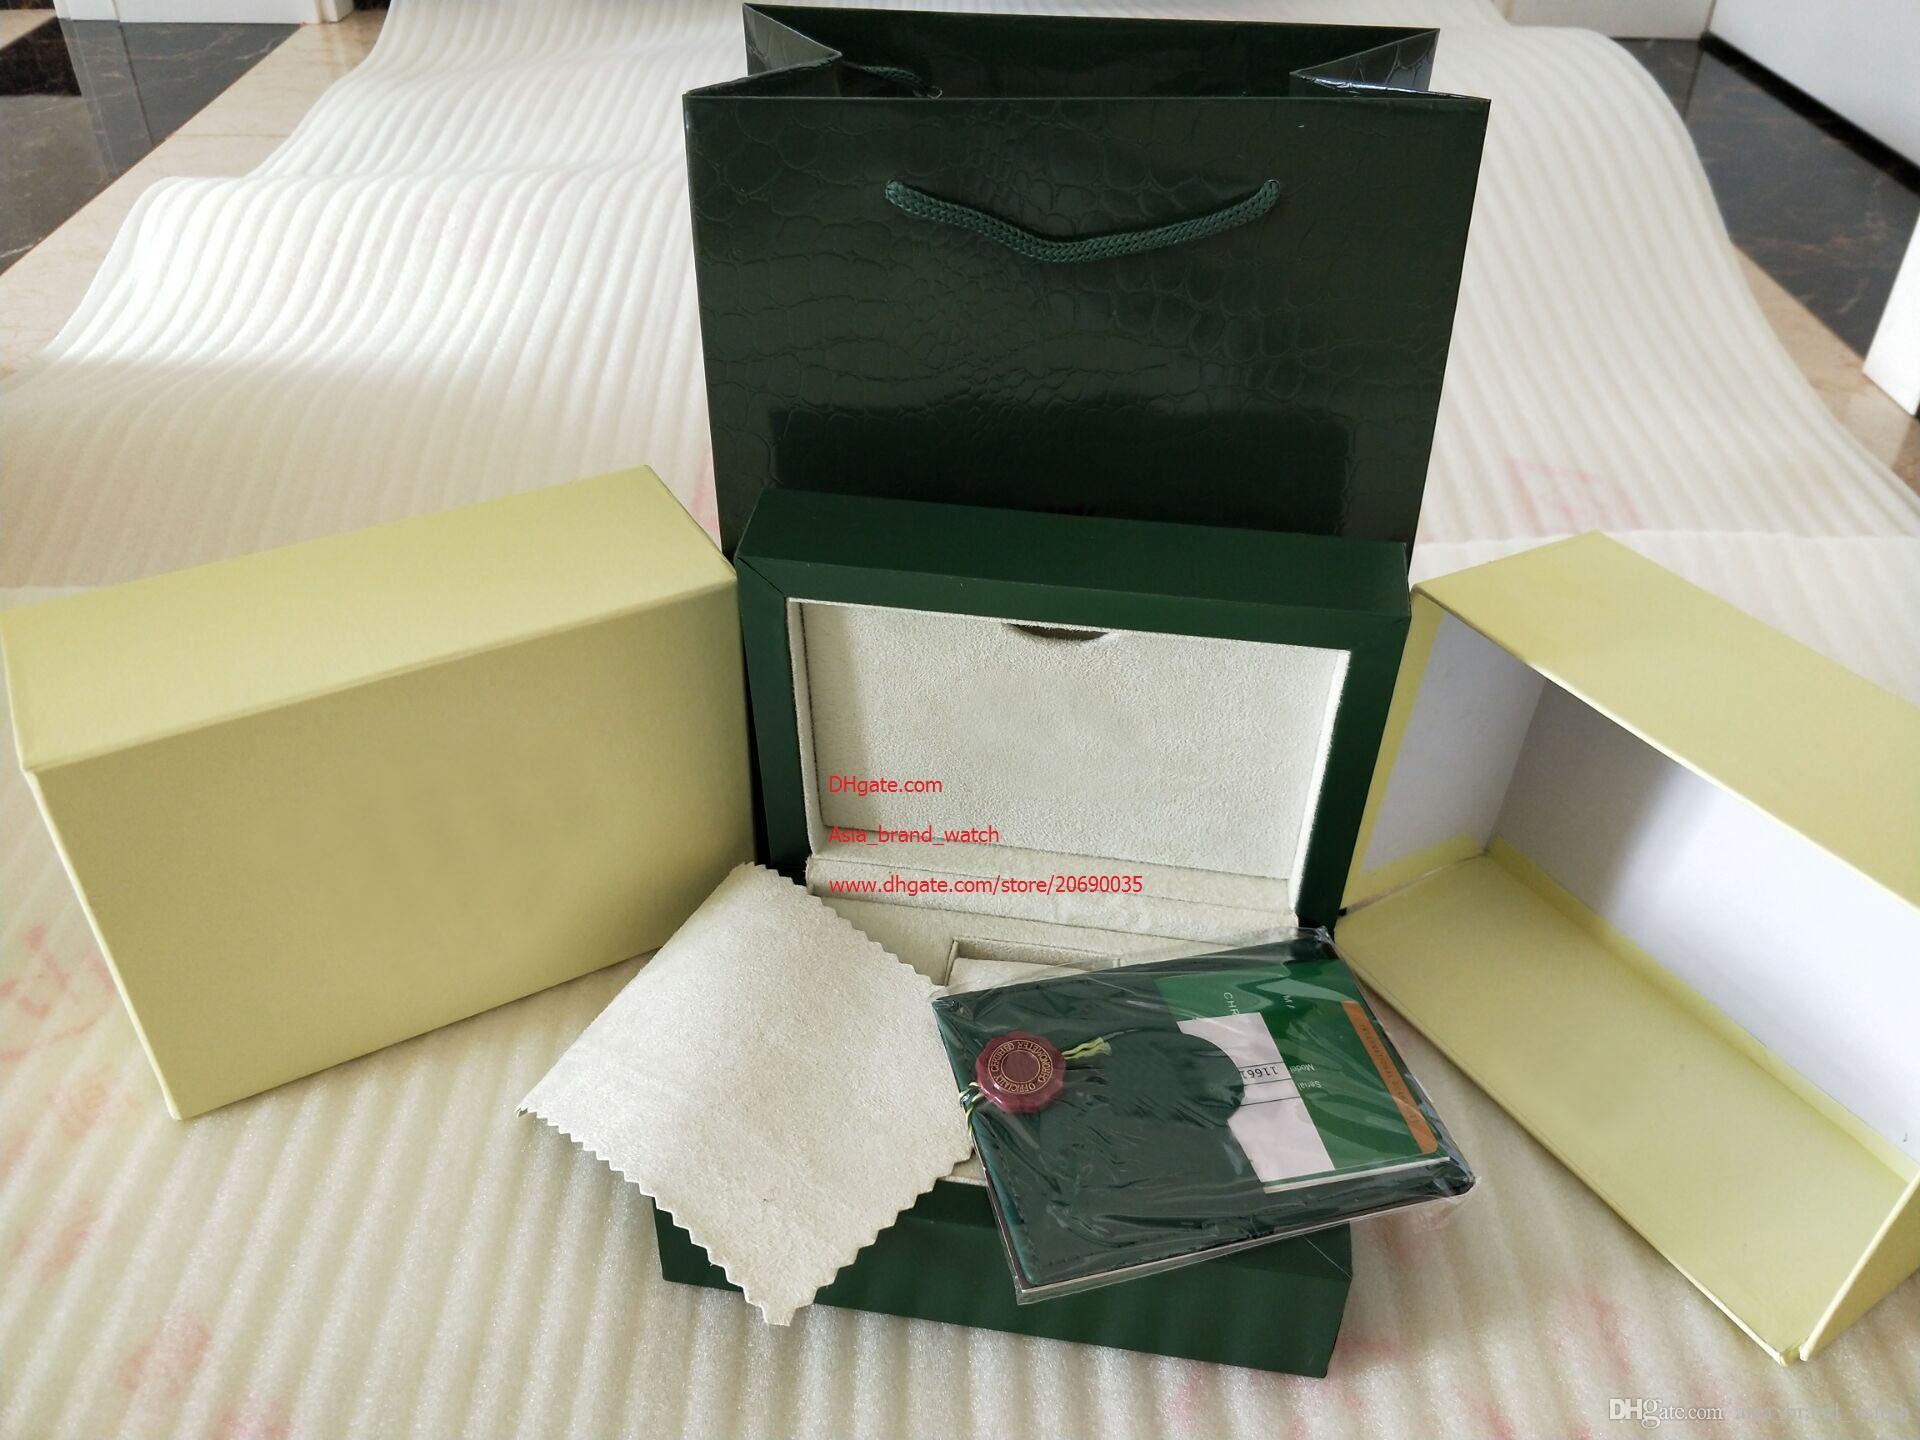 الشحن مجانا الأخضر العلامة التجارية ووتش الأصلي مربع أوراق بطاقة محفظة هدية صناديق يد 185mm*134 مم*84mm 0.7 كغ 116610 116660 116710 الساعات